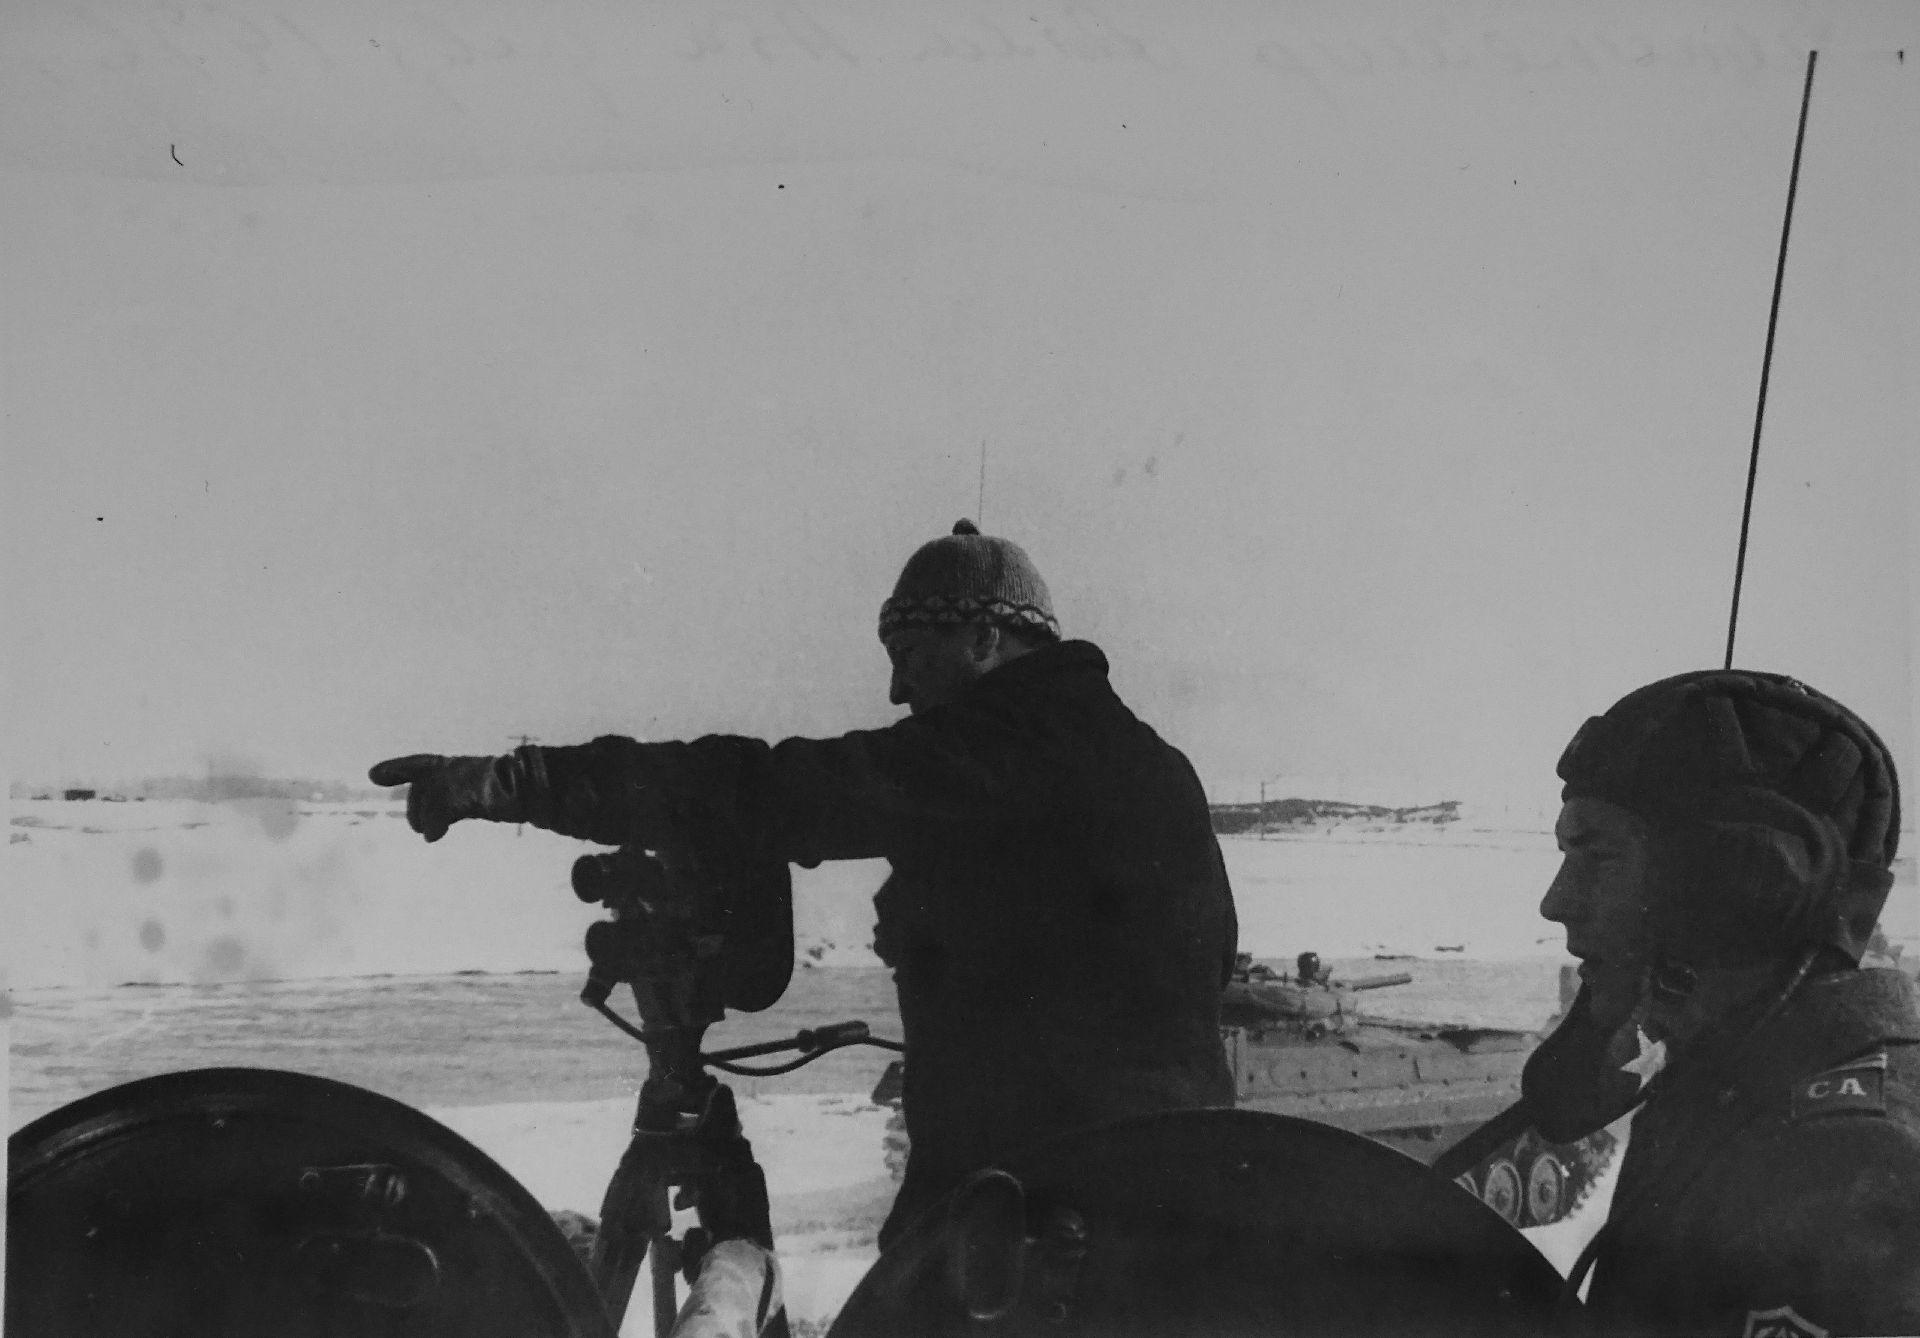 Экспонат #12. Алма-Ата. Февраль 1976 года